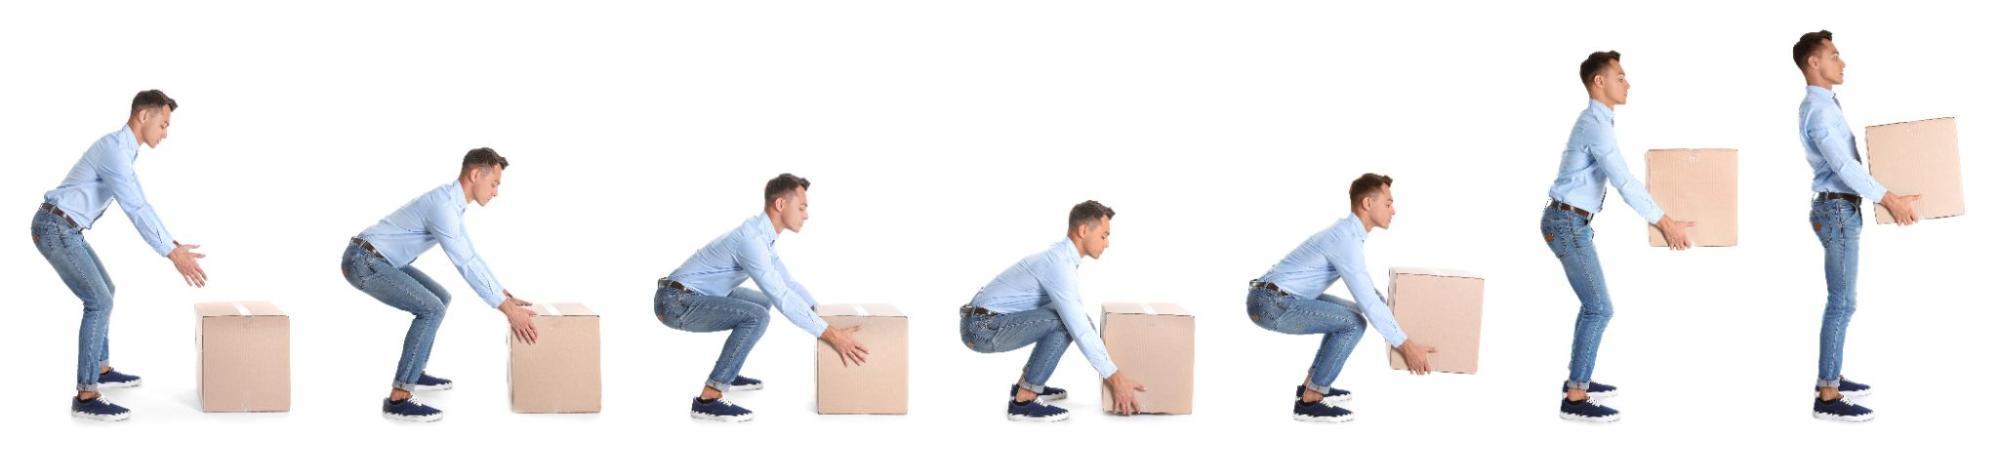 proper lifting technique